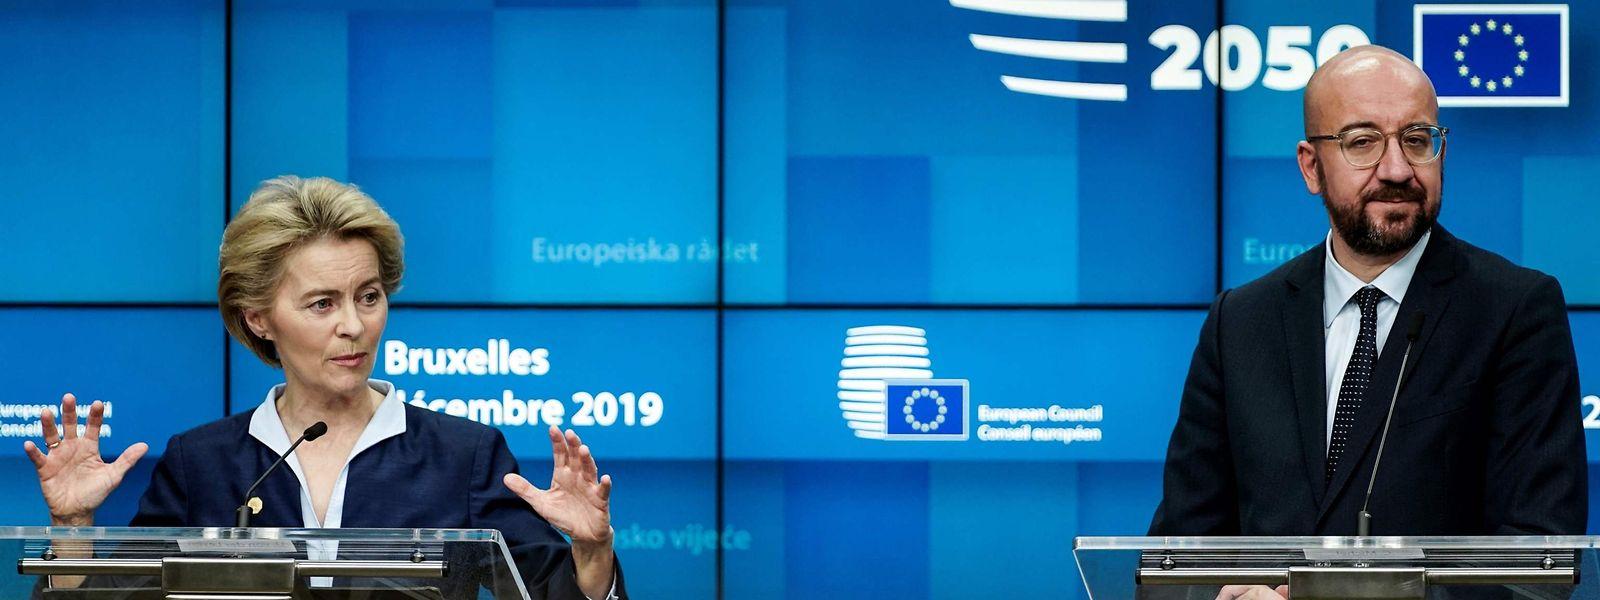 EU-Kommissionspräsidentin Ursula von der Leyen und EU-Ratspräsident Charles Michel am Freitagabend.